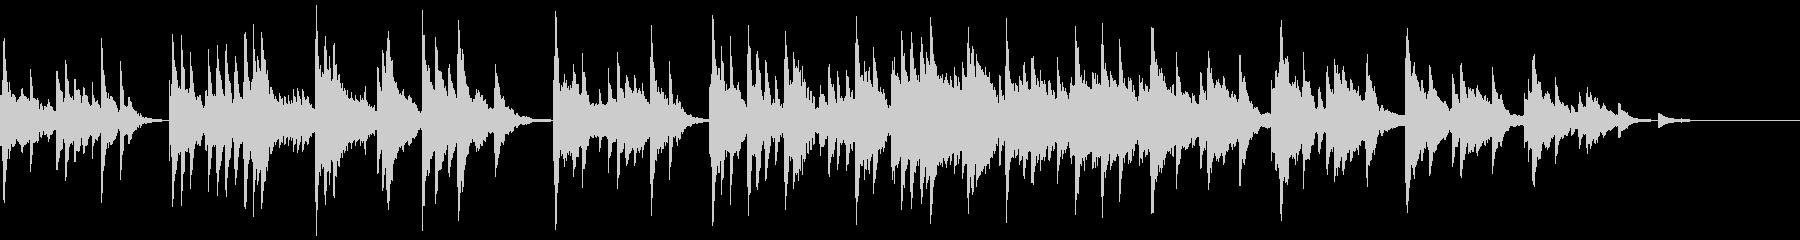 哀愁のある素朴な小曲(ピアノ+シンセ)の未再生の波形